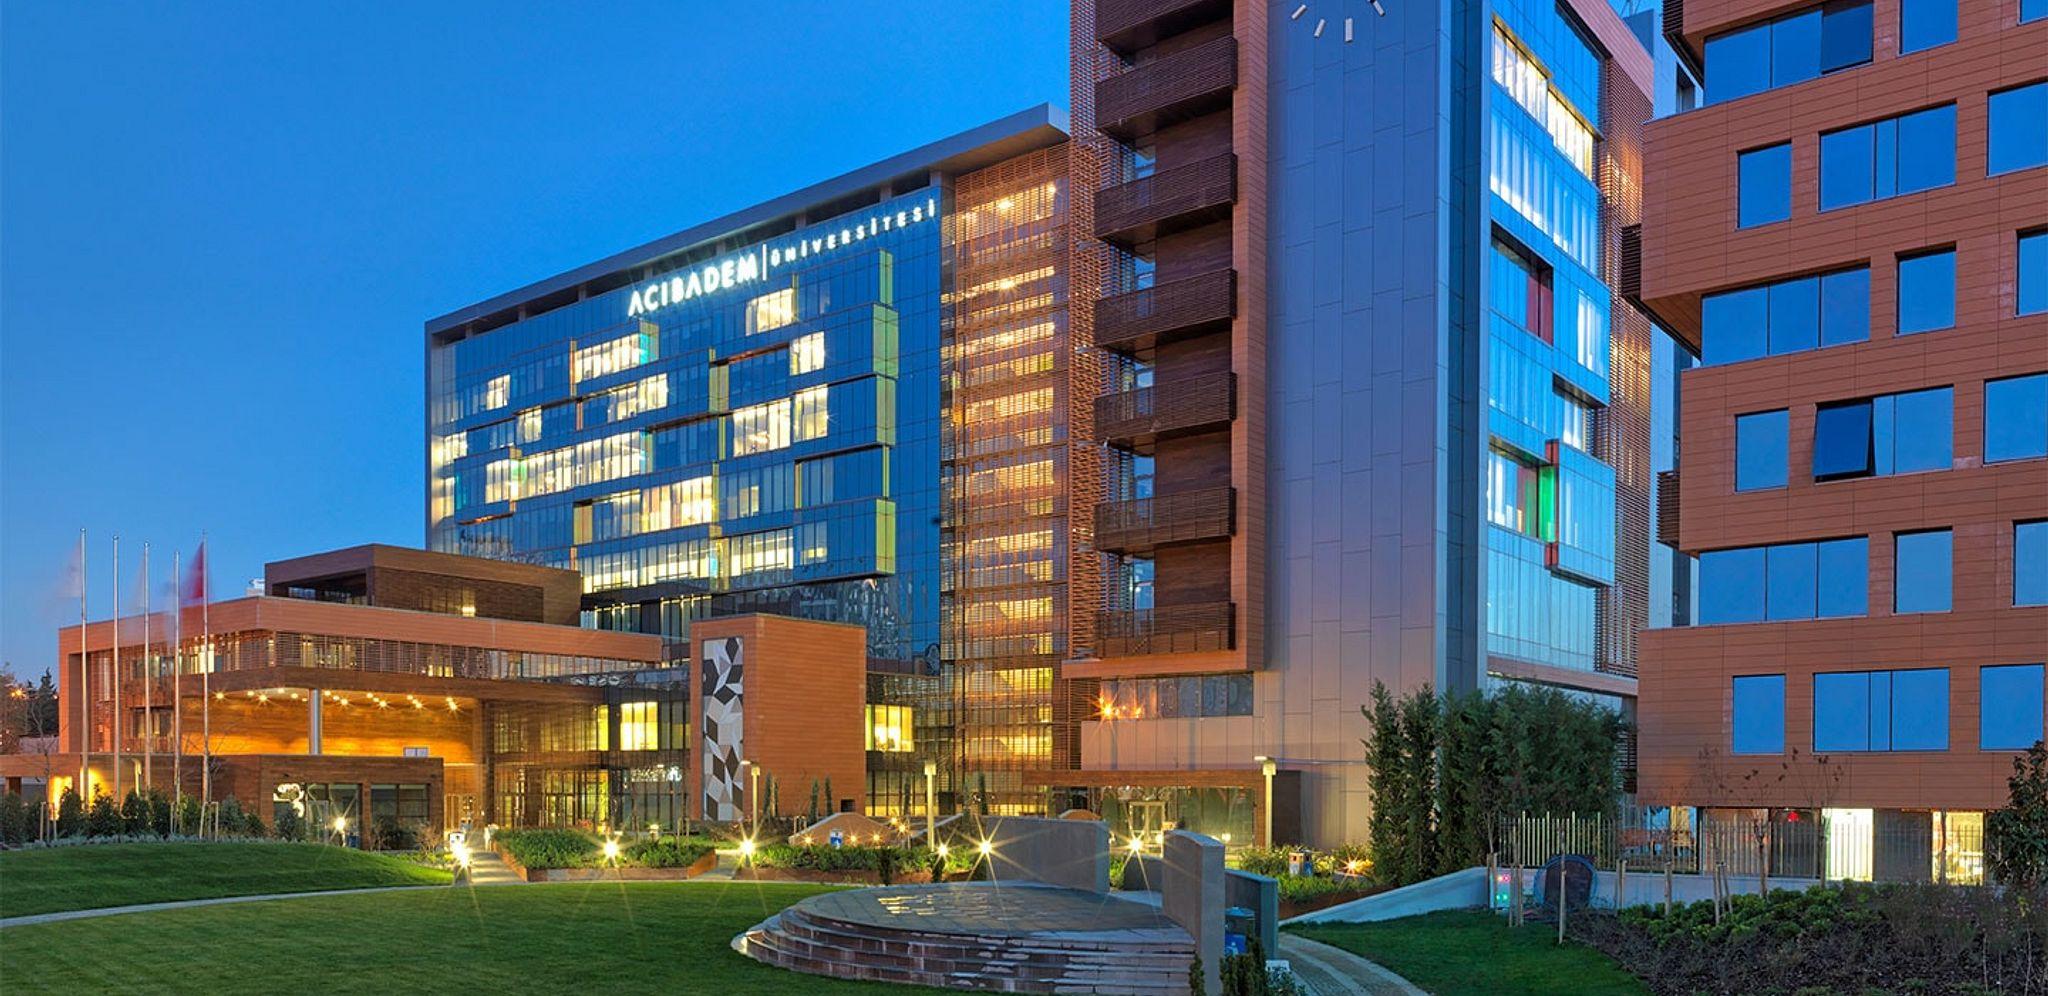 Acibadem University Large Header Image2